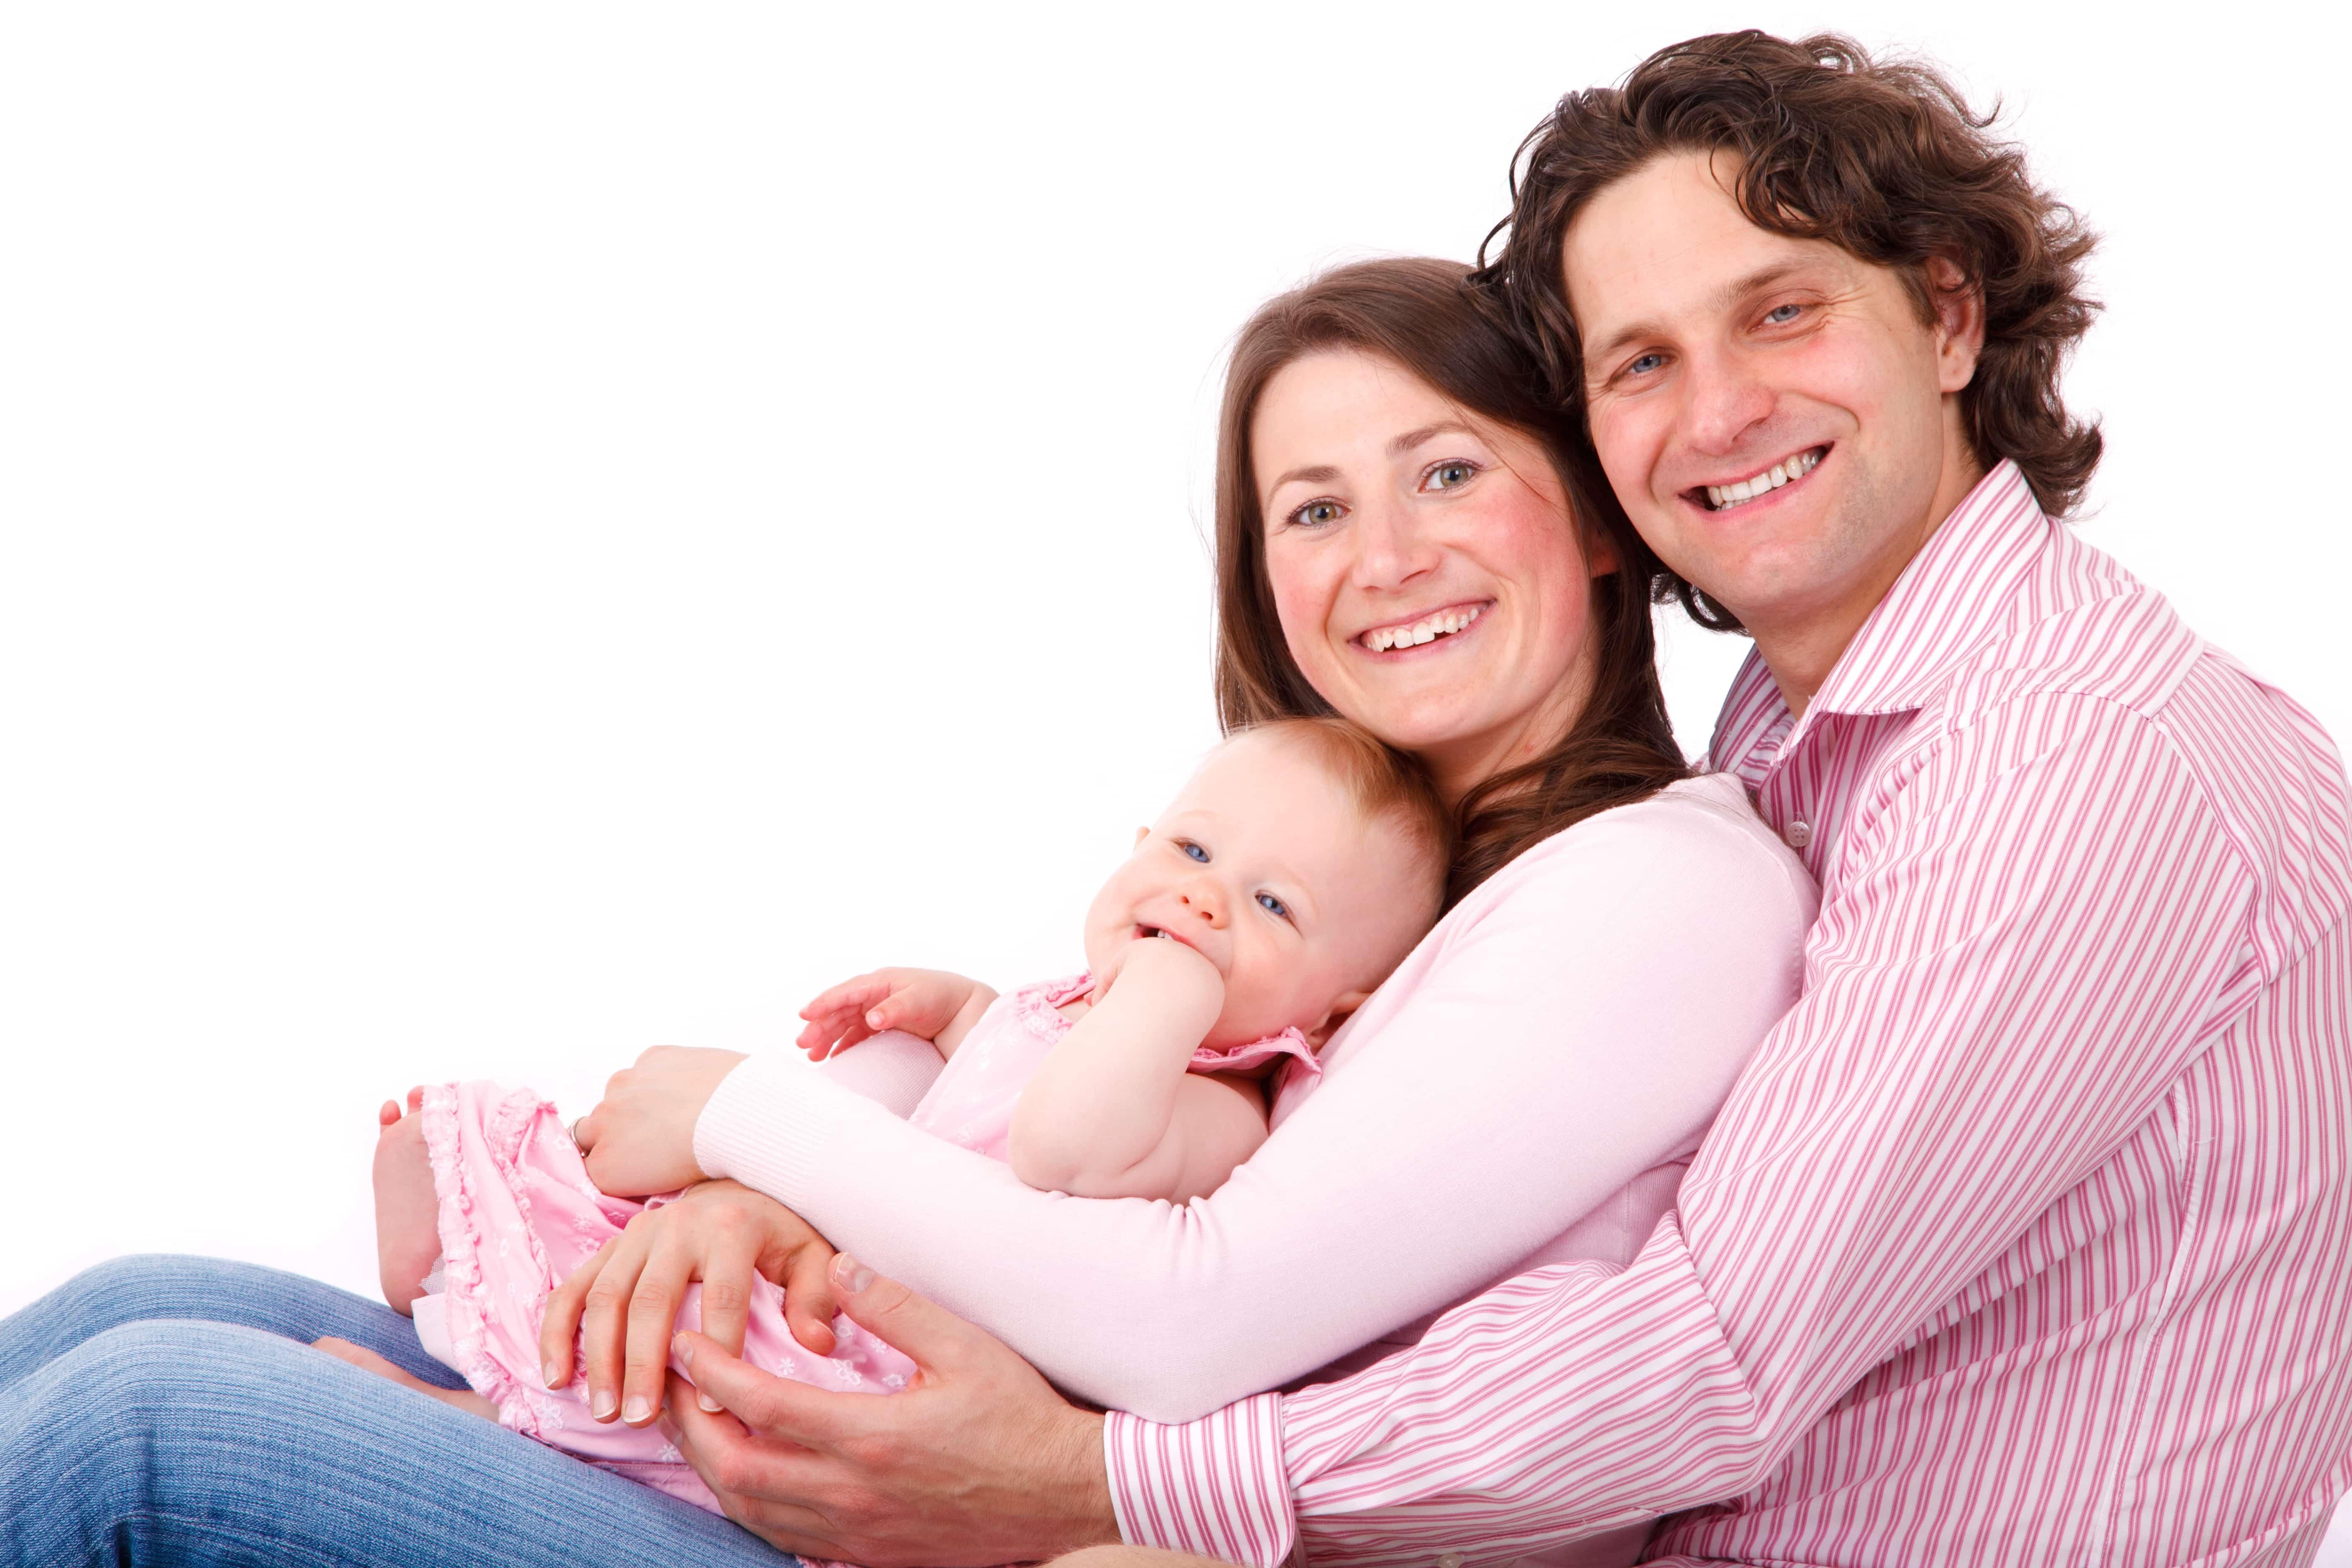 笑顔の両親、そして赤ちゃん